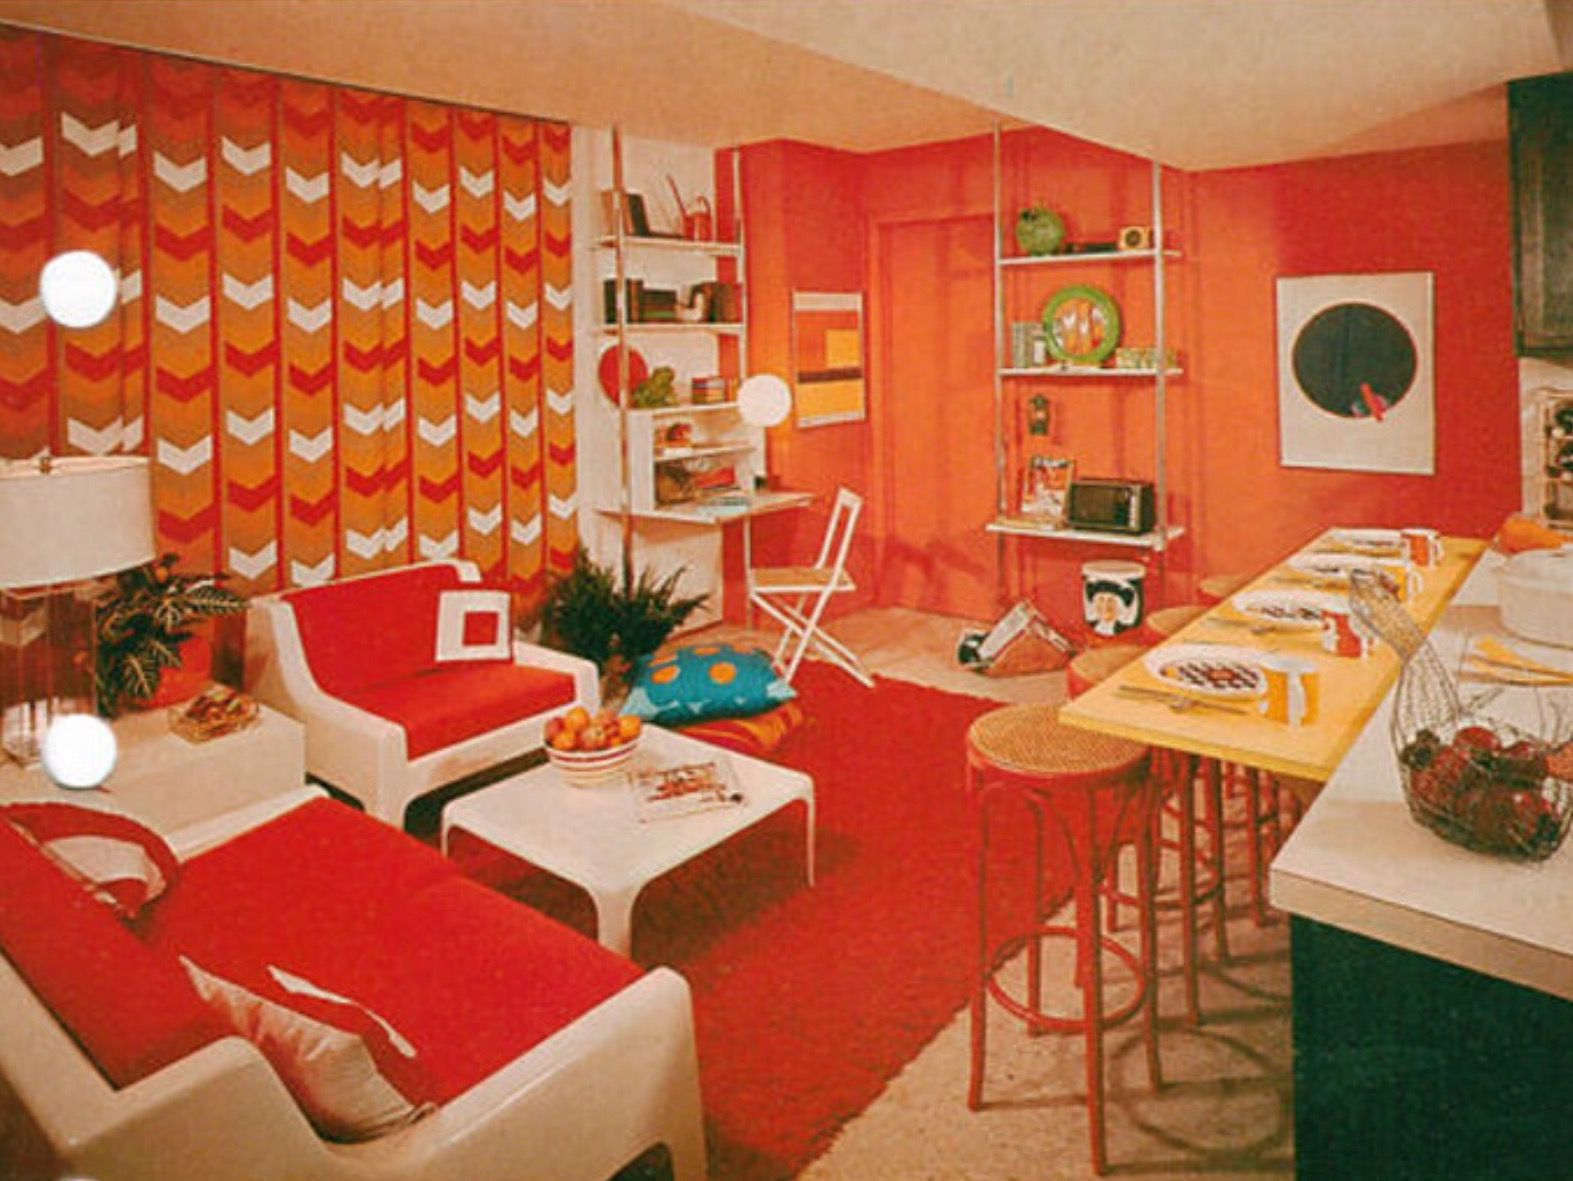 Pin von Sue Rutherford auf Mid Century Family Rooms | Pinterest | 60er